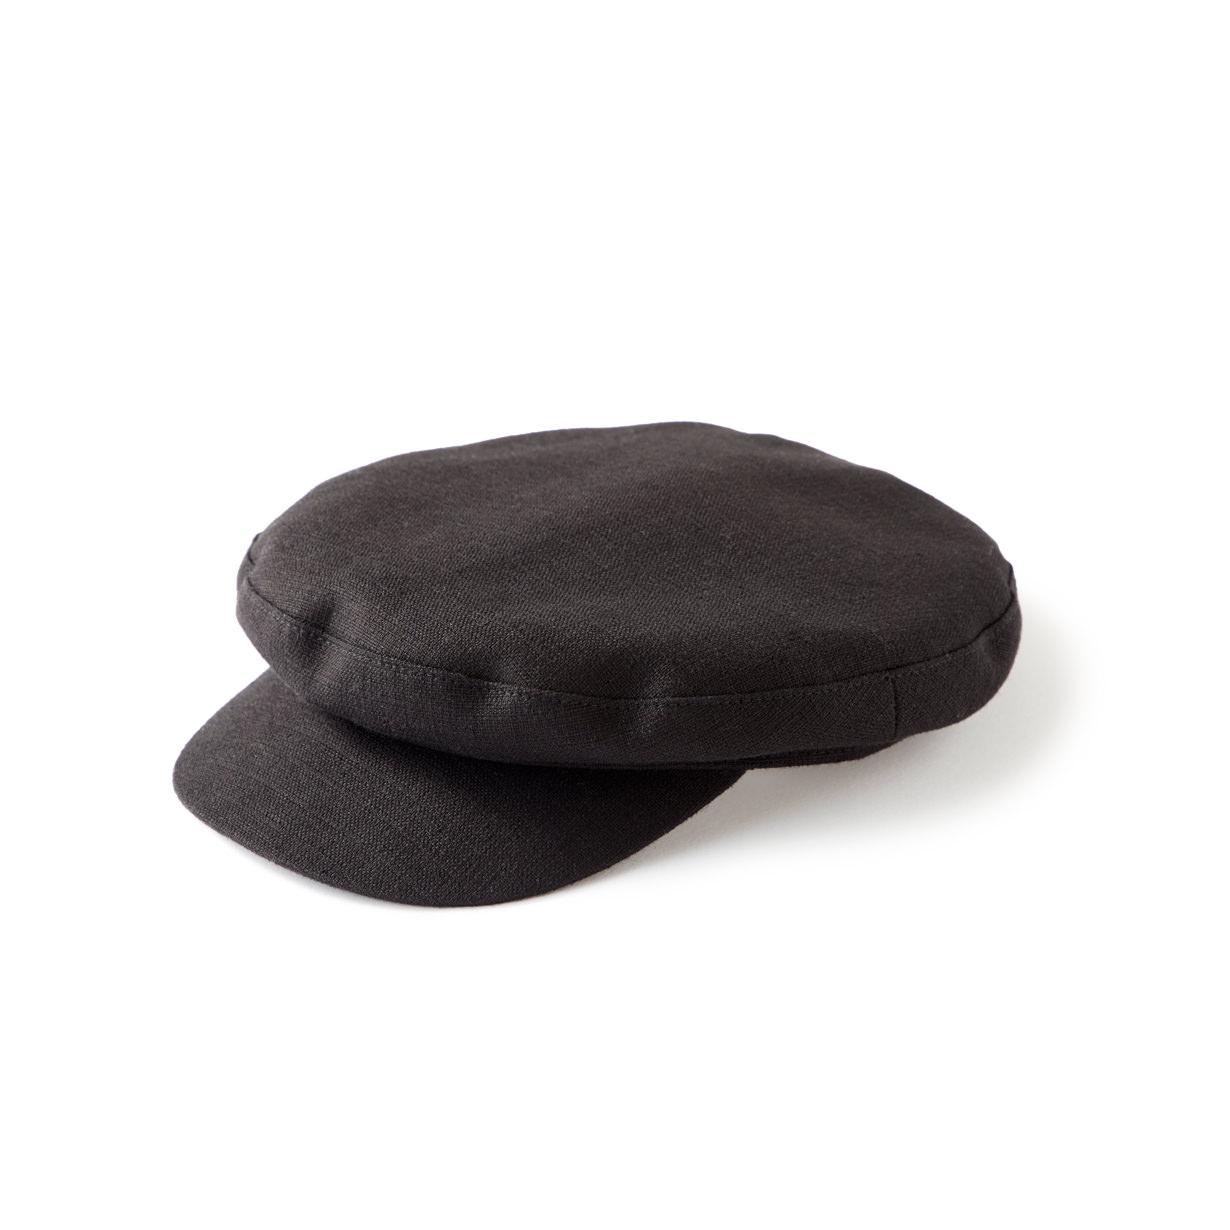 マリンキャップ ブラック